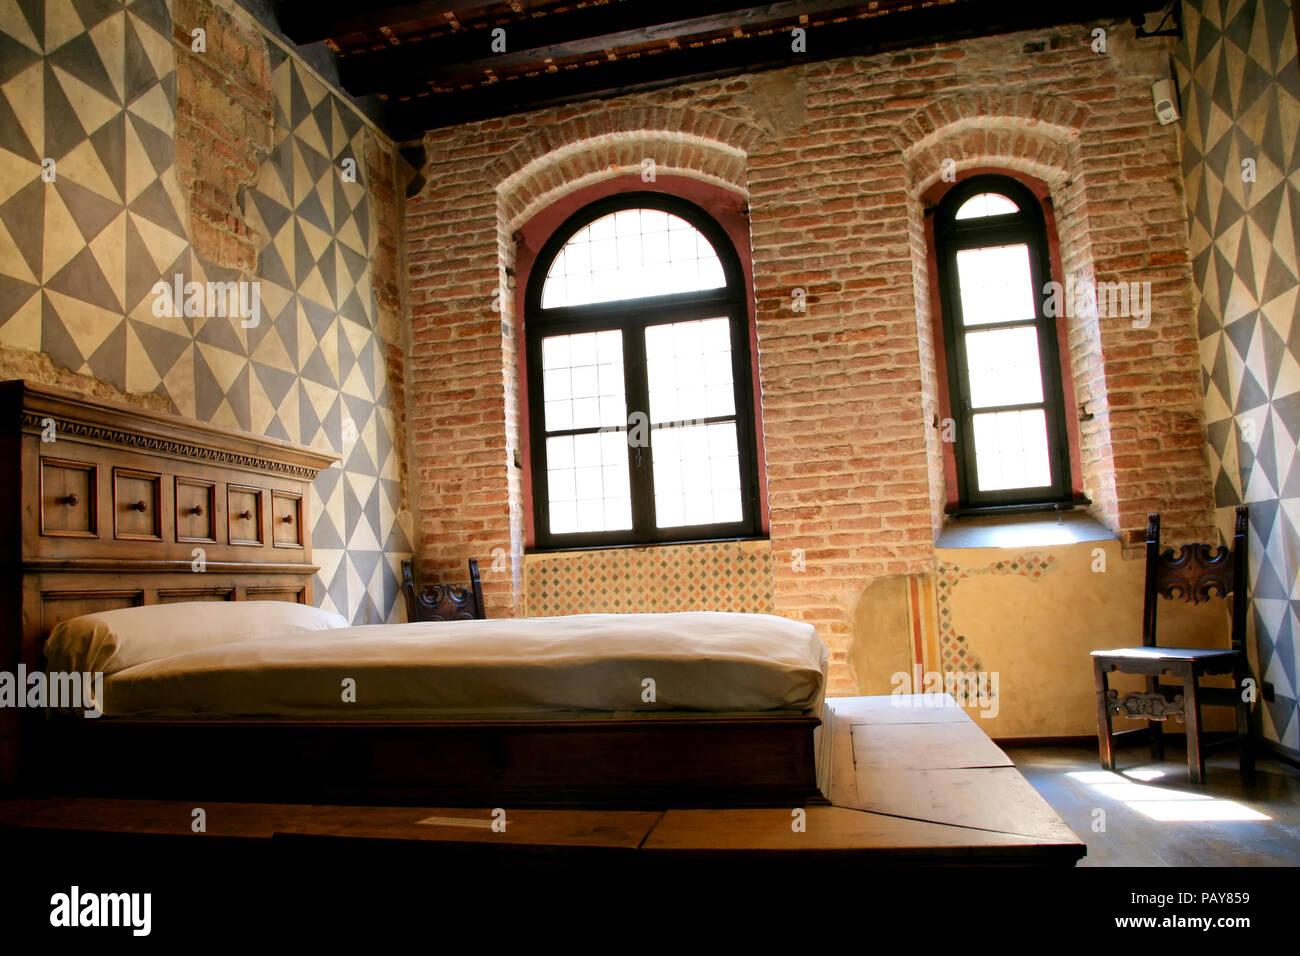 Dettaglio camera da letto di Giulietta - Verona, Italien ...